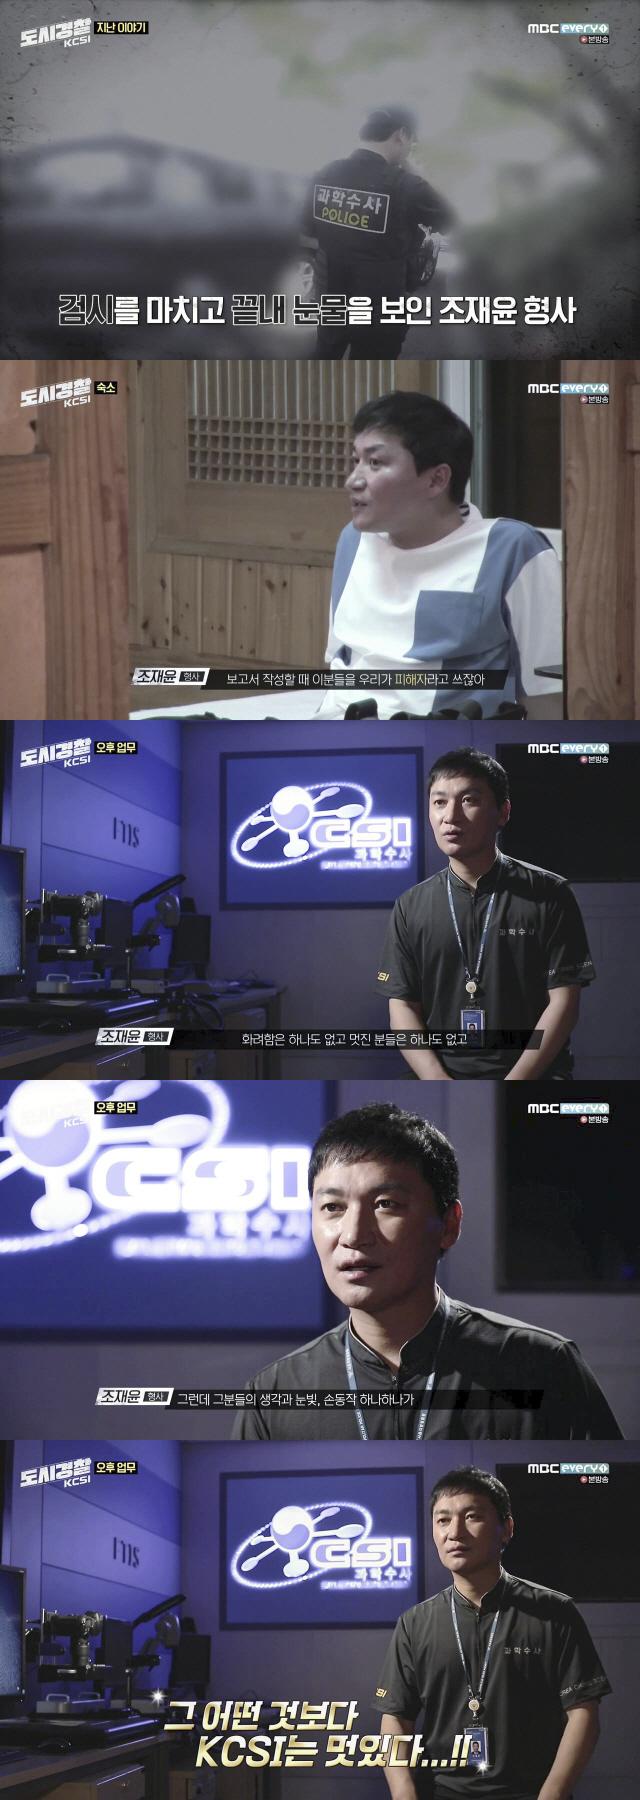 '도시경찰' 조재윤, 과학수사대 형사로 한걸음 더 성장